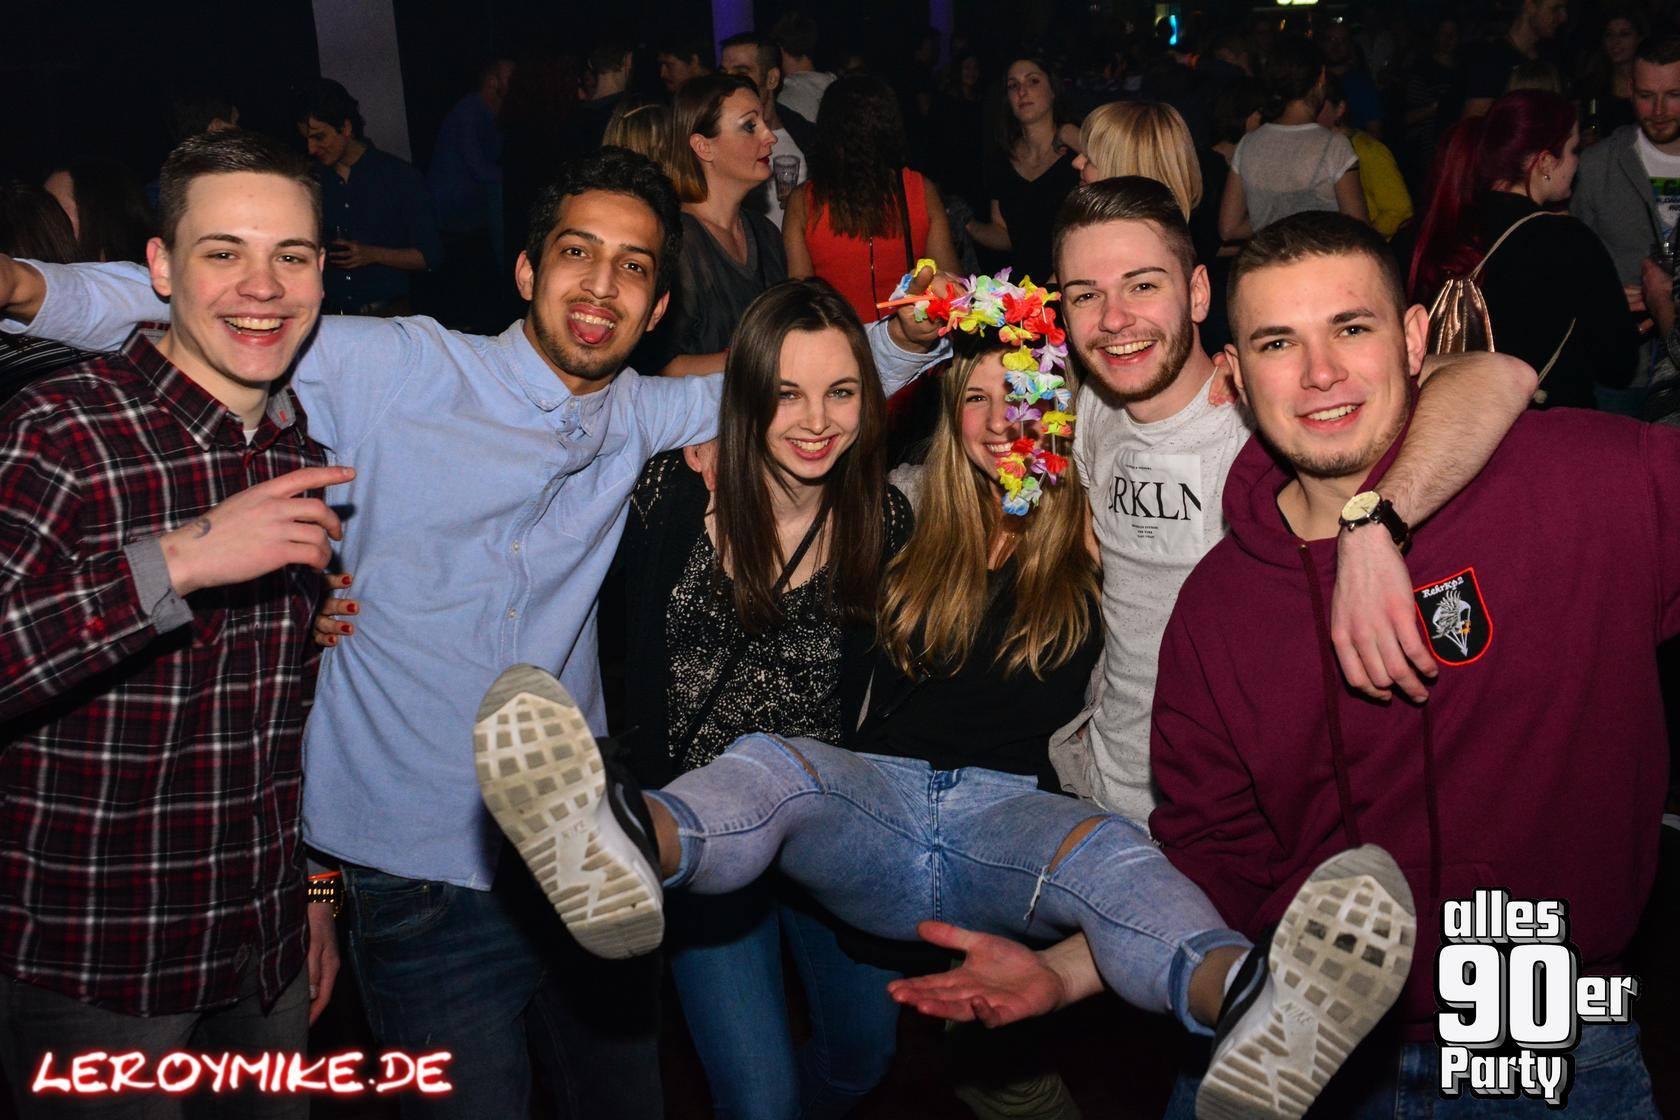 Alles 90er Party KUZ Fulda 28-01-2017